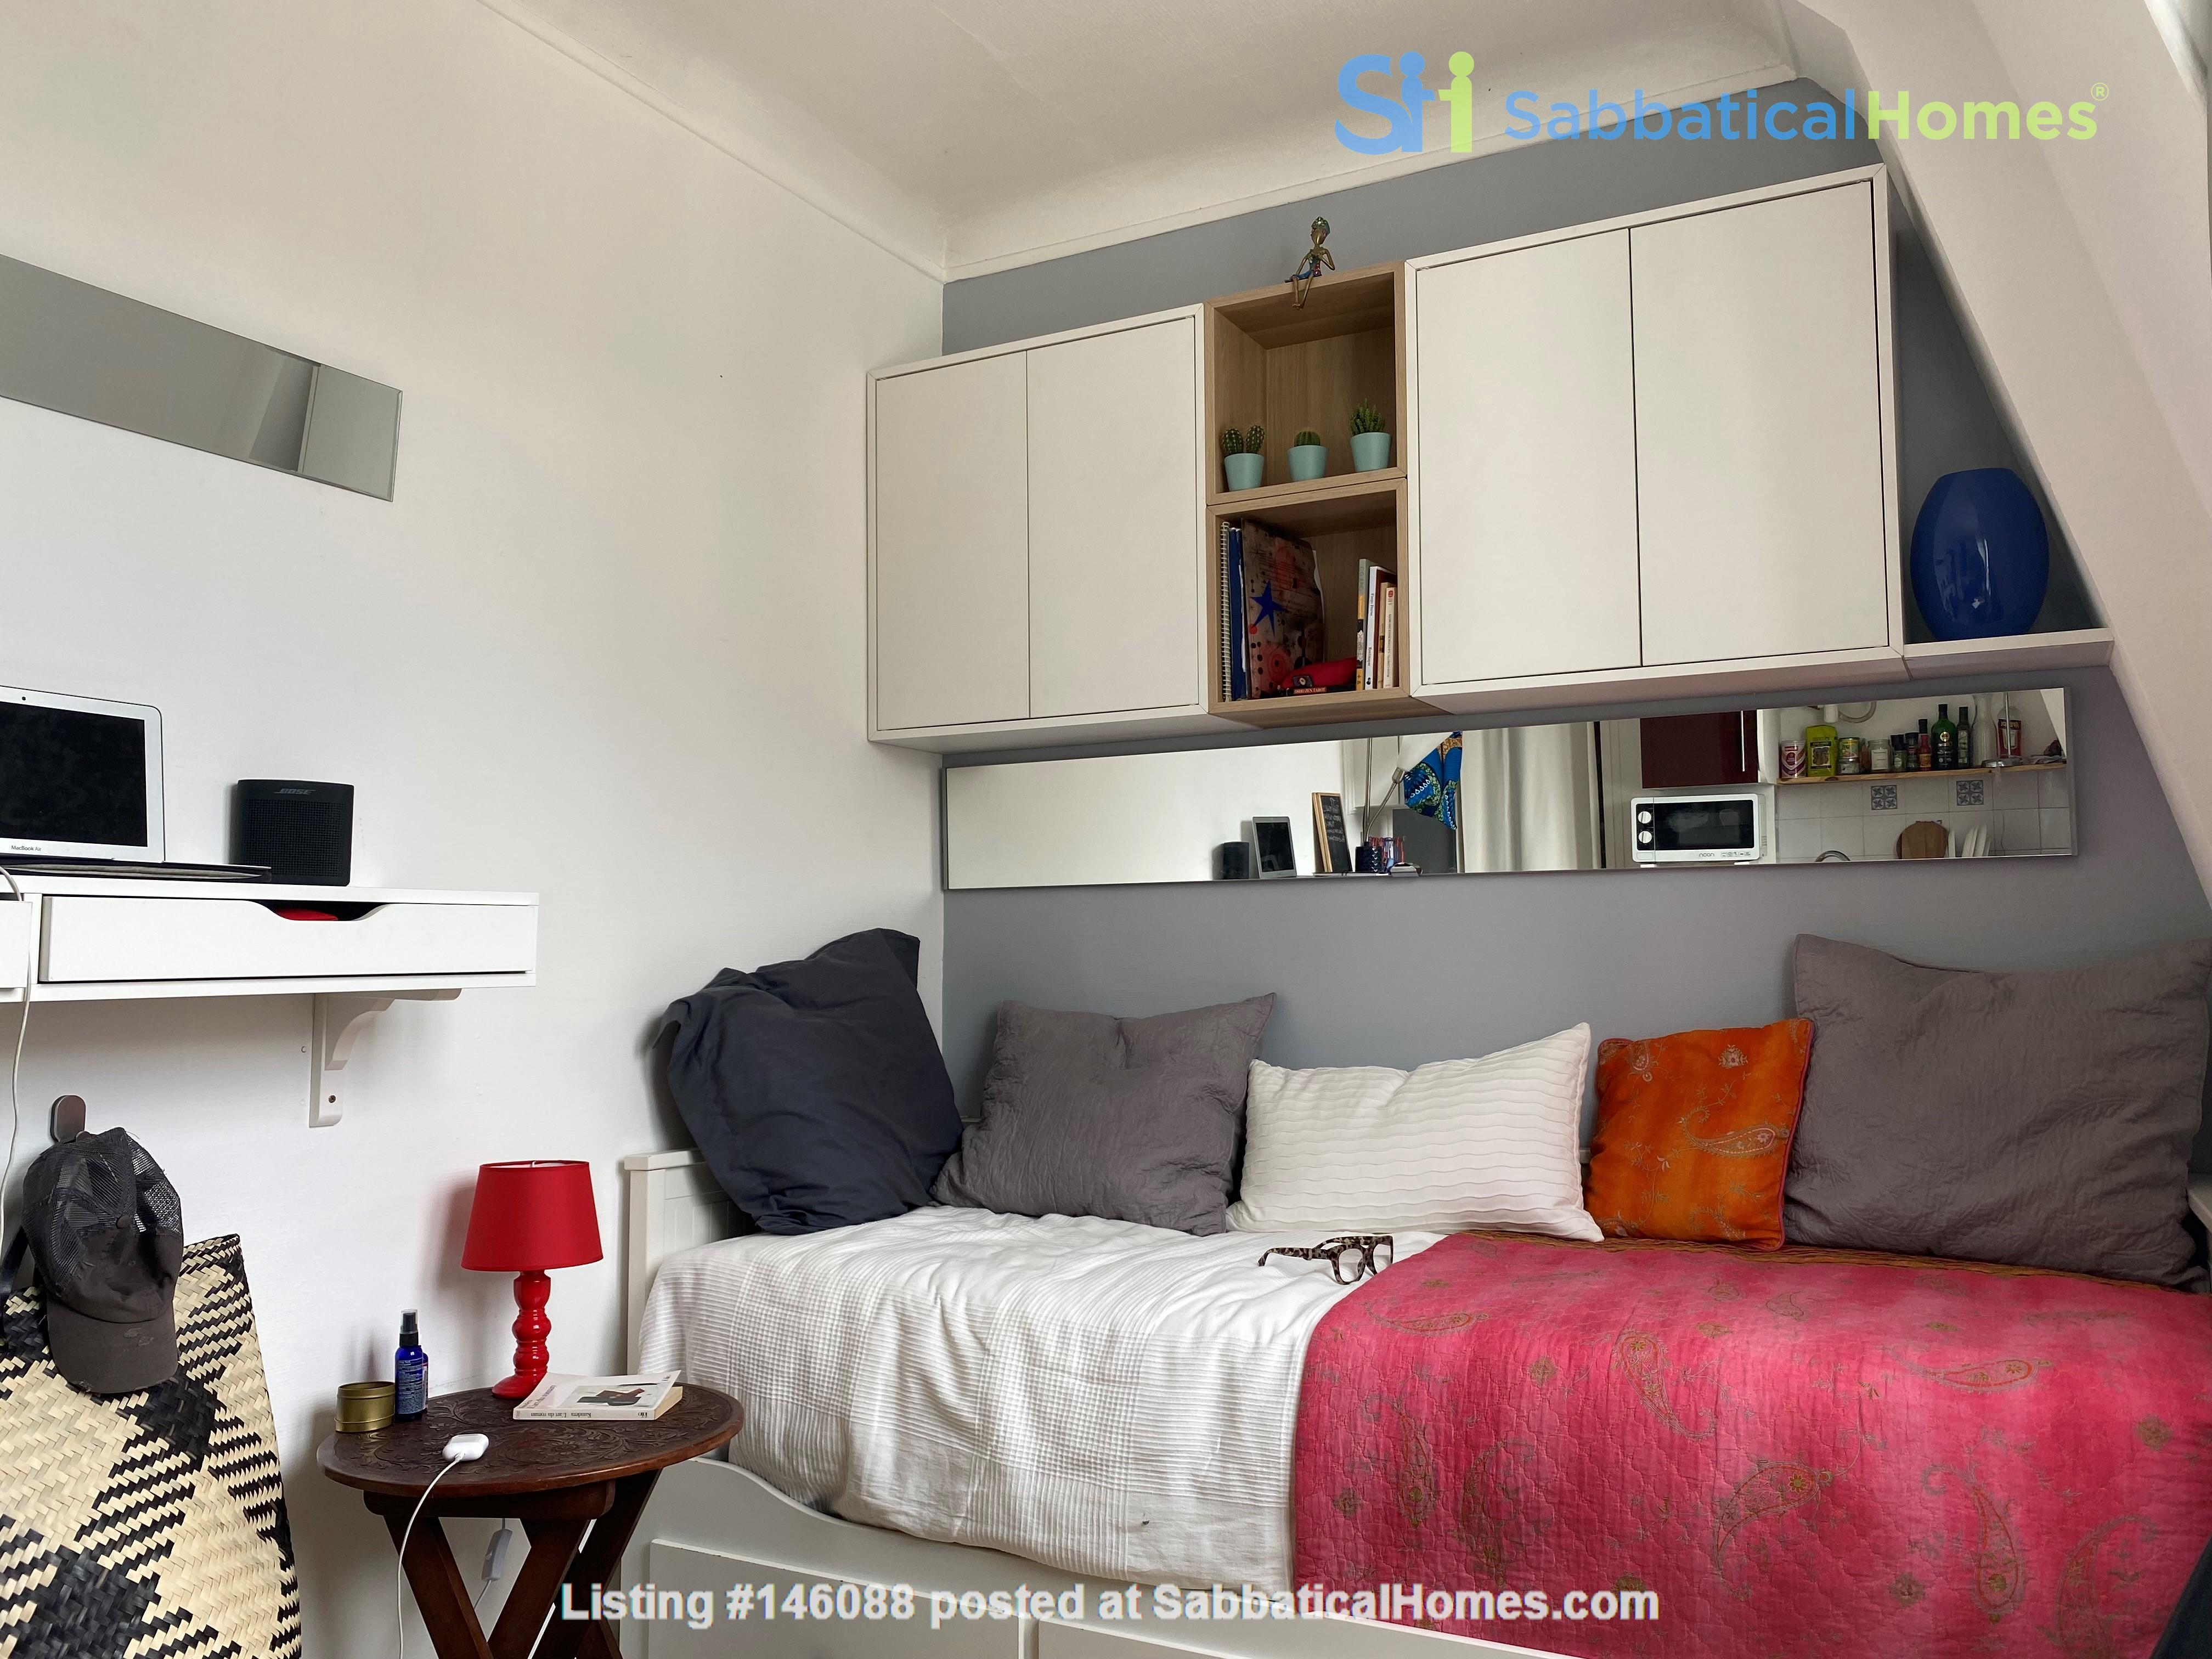 Exquisite Parisian studio in the sky! Home Rental in Paris 5